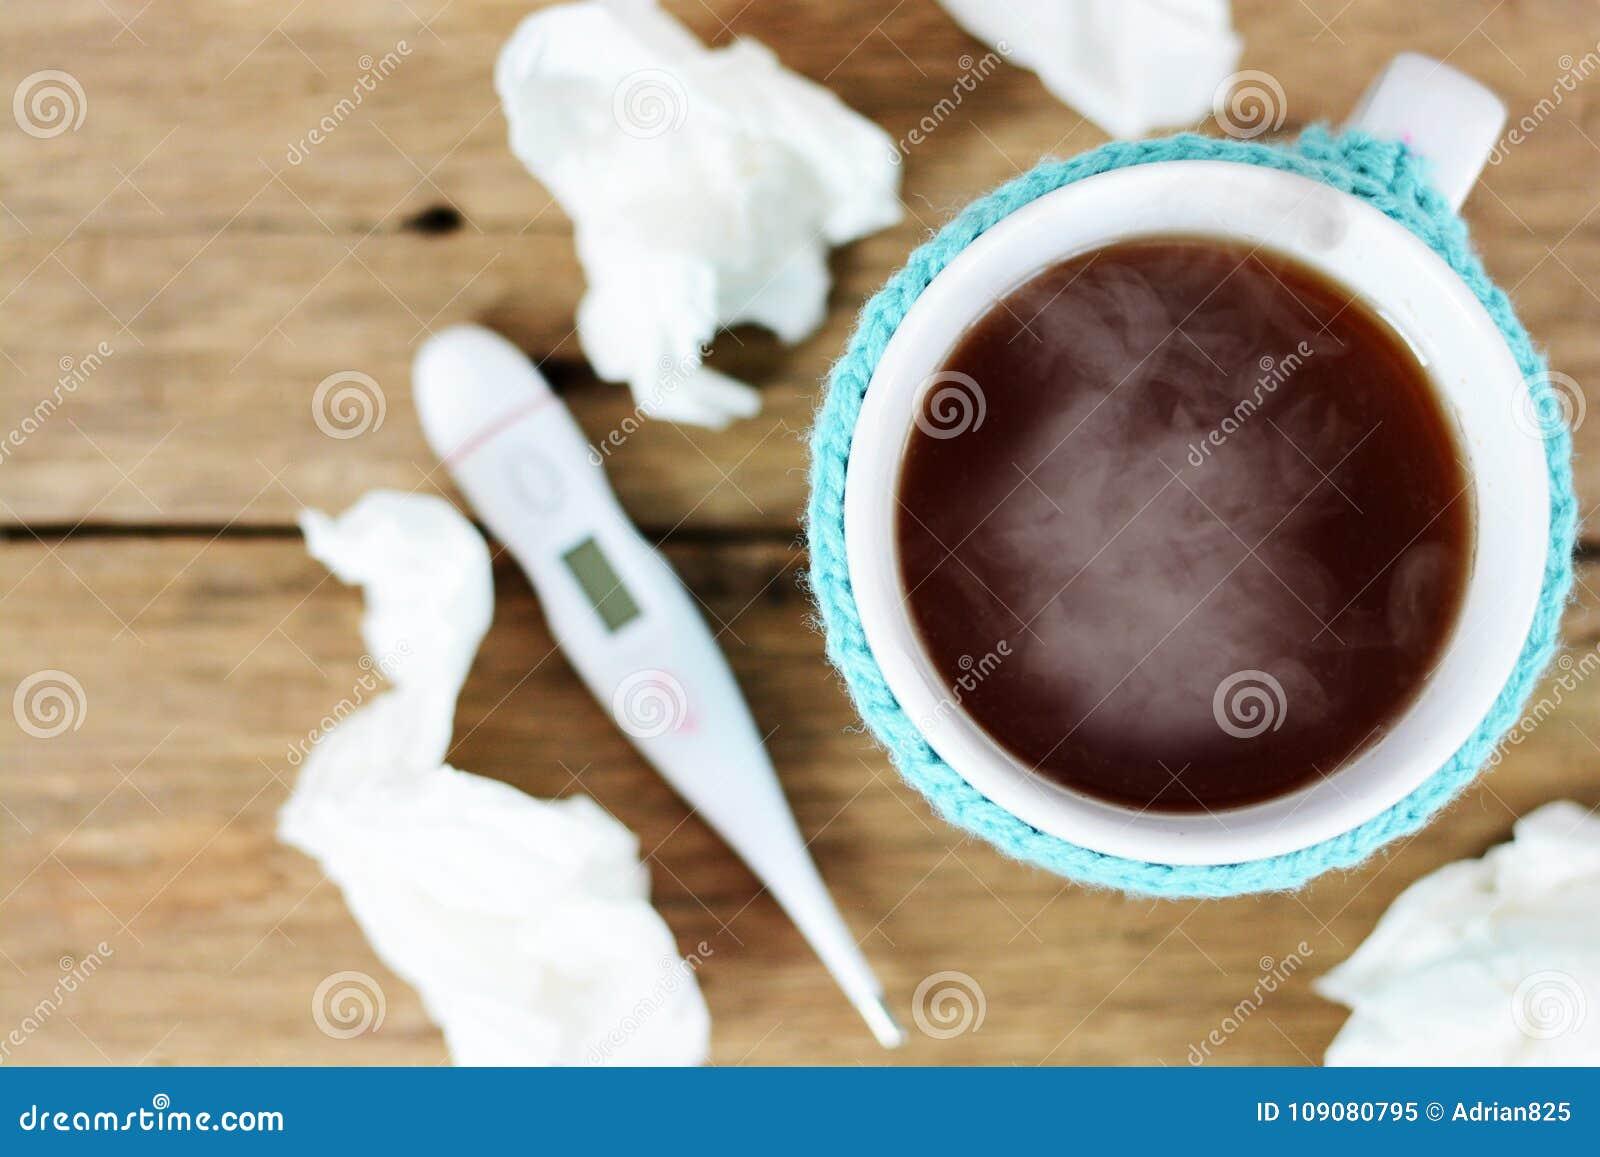 杯热的茶、纸抹和温度计在建议木的桌上流感季节